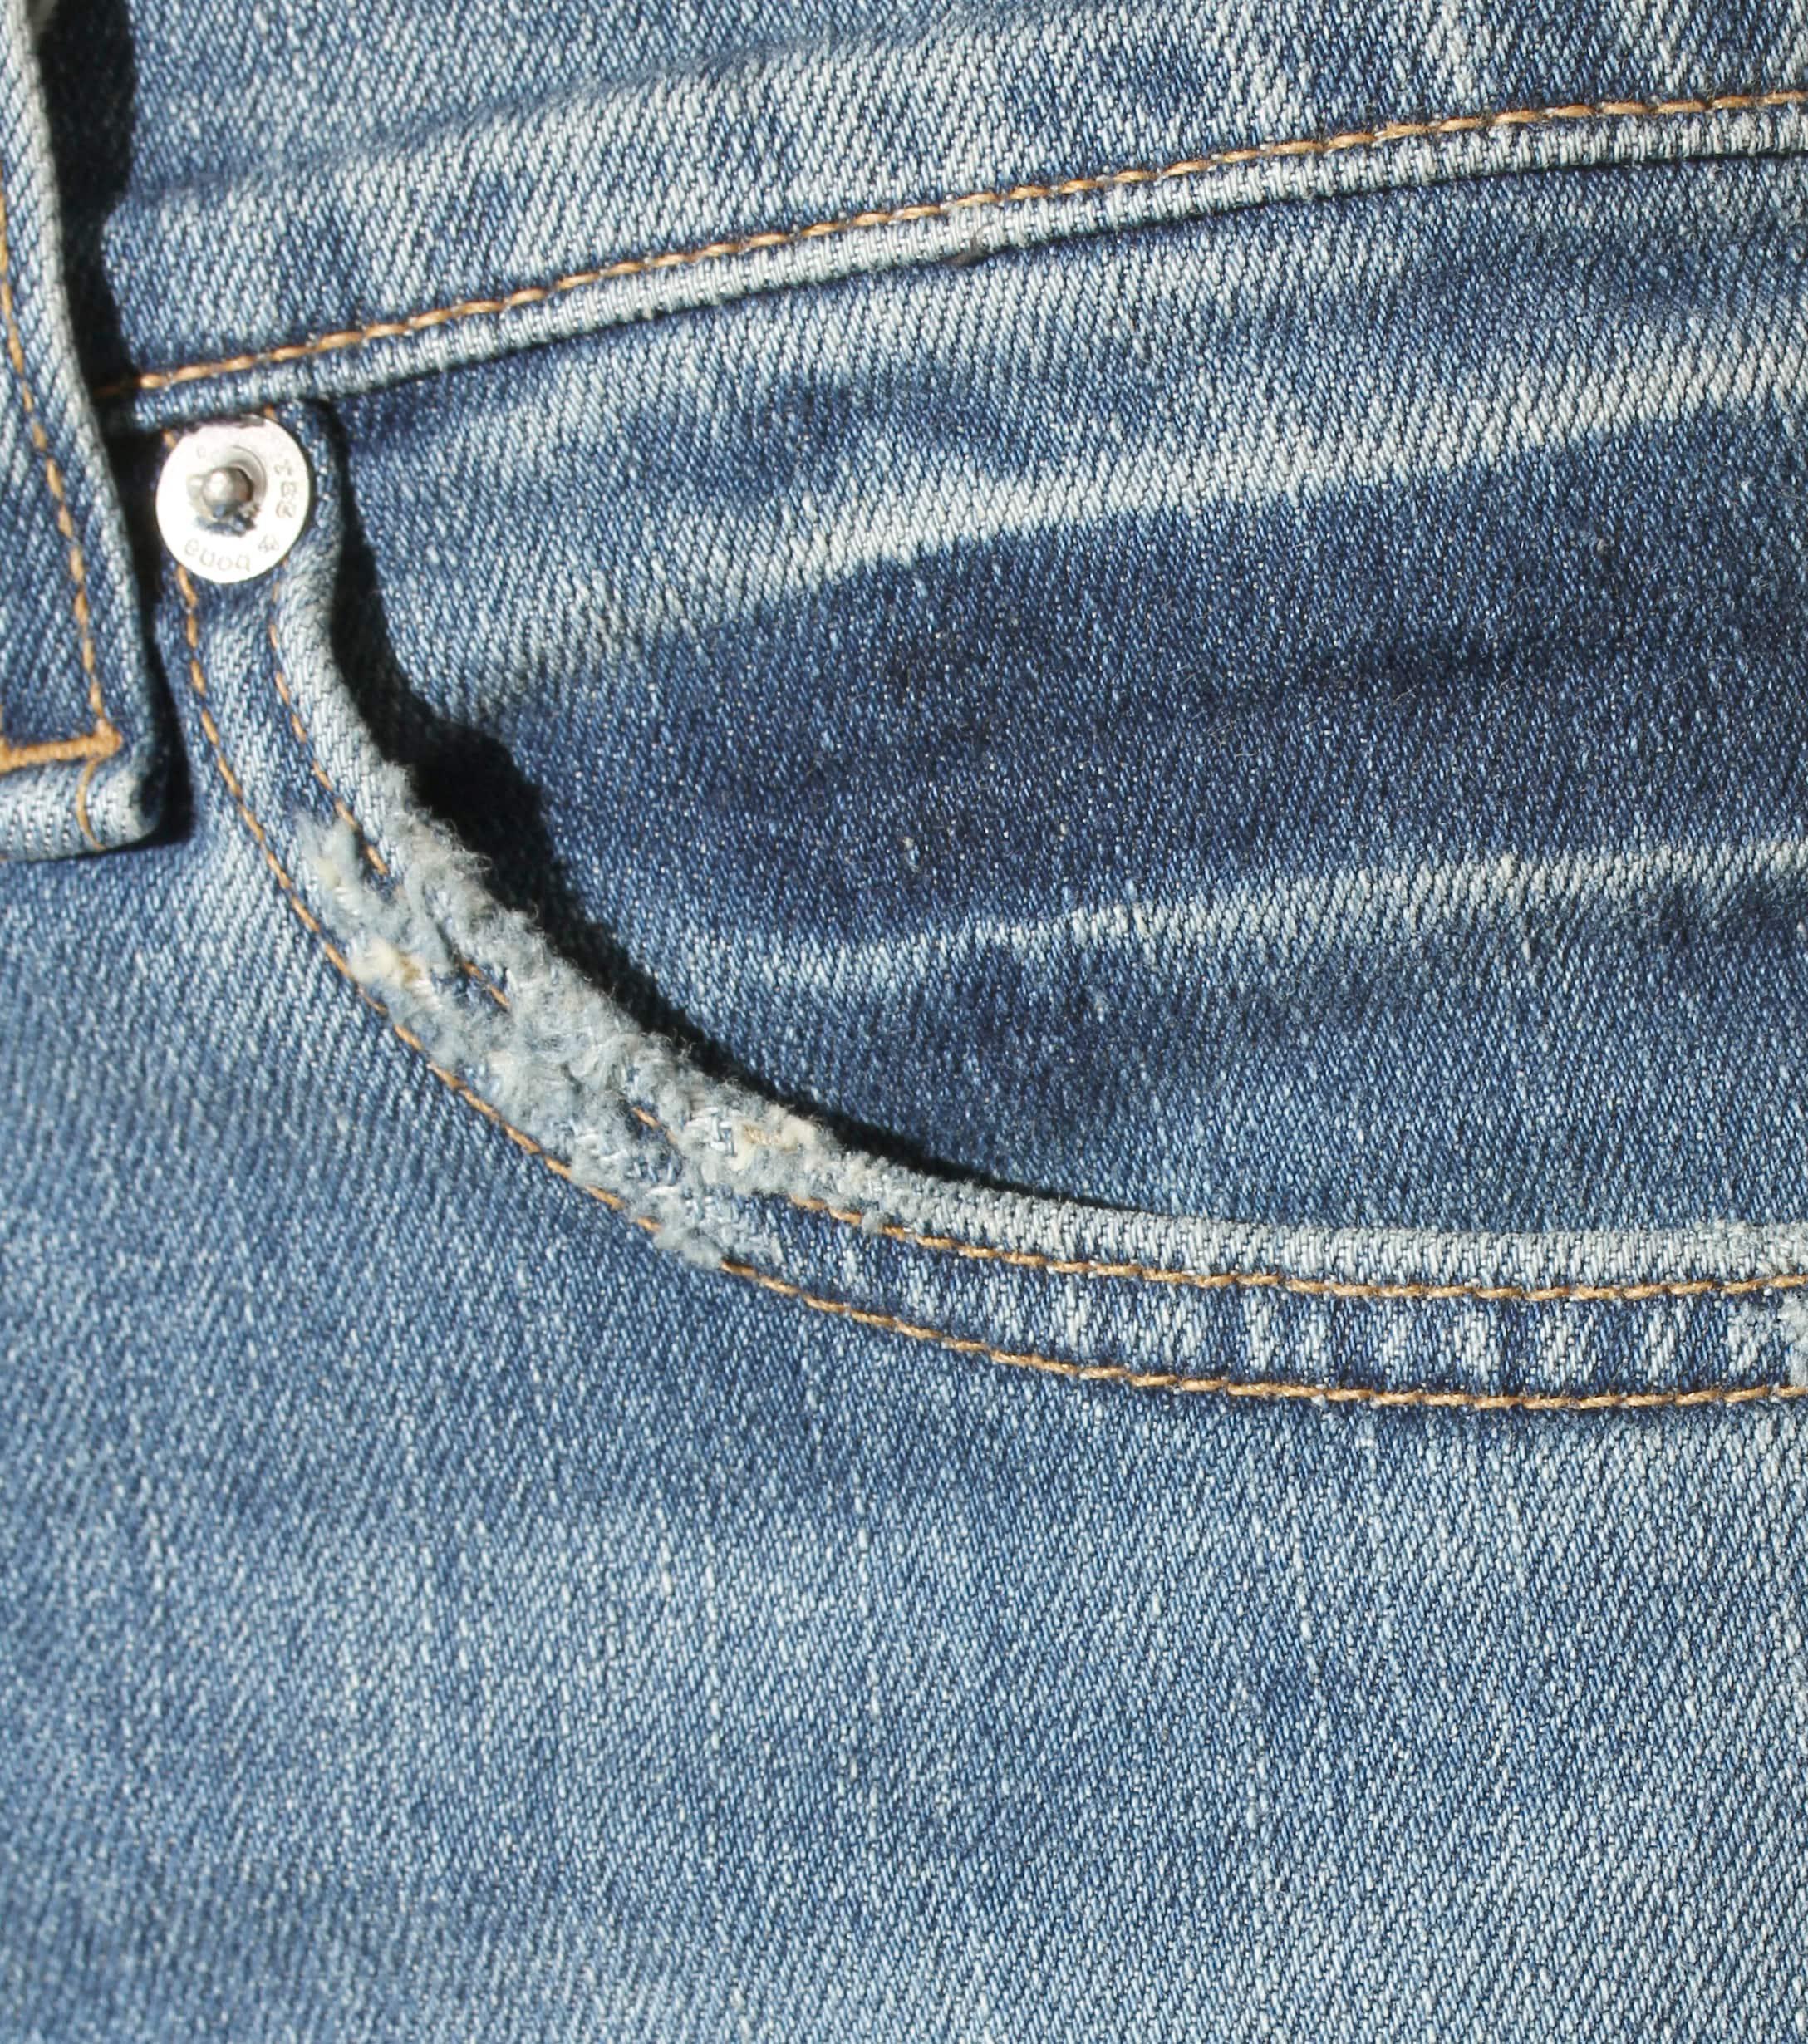 Rag & Bone Denim Stove Pipe Cropped Jeans in Blue